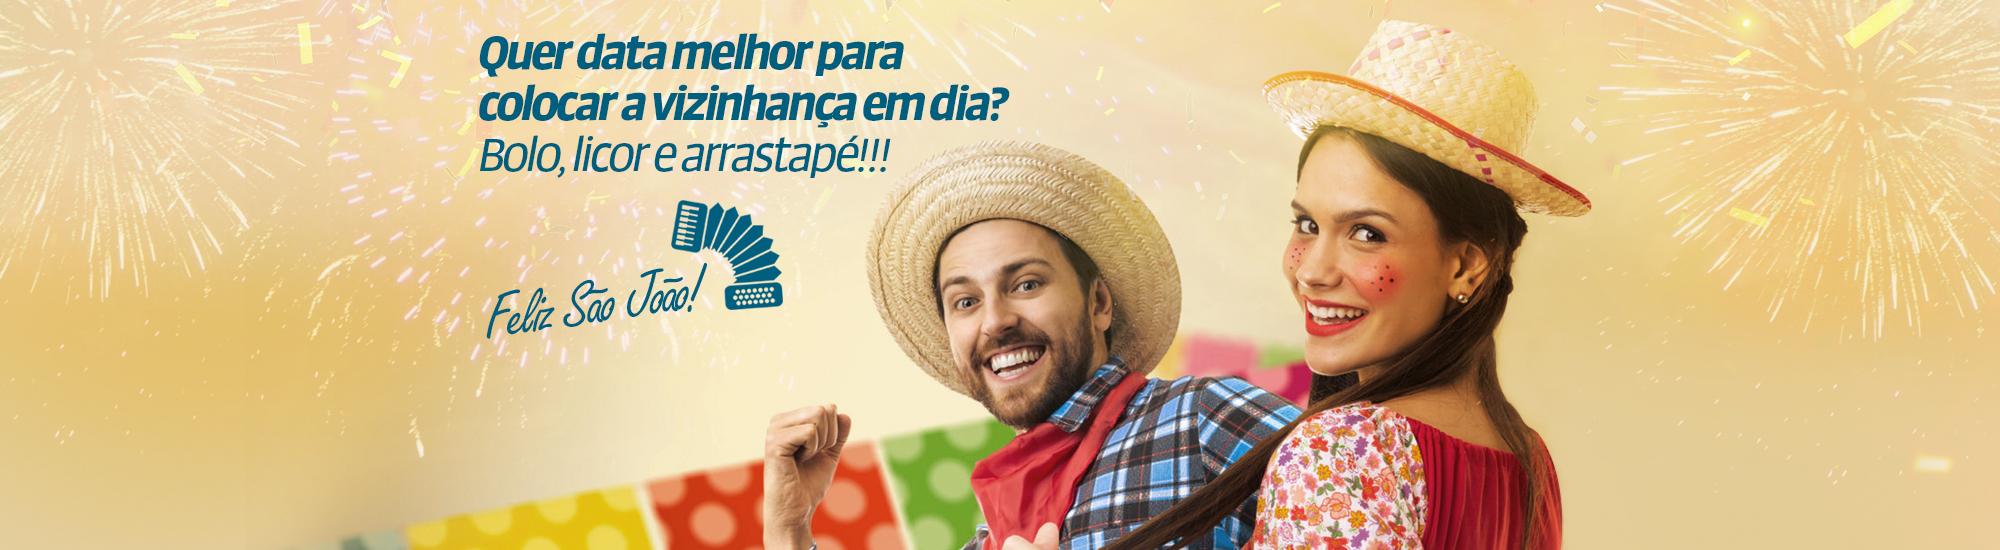 banner site OTIMIZE São João